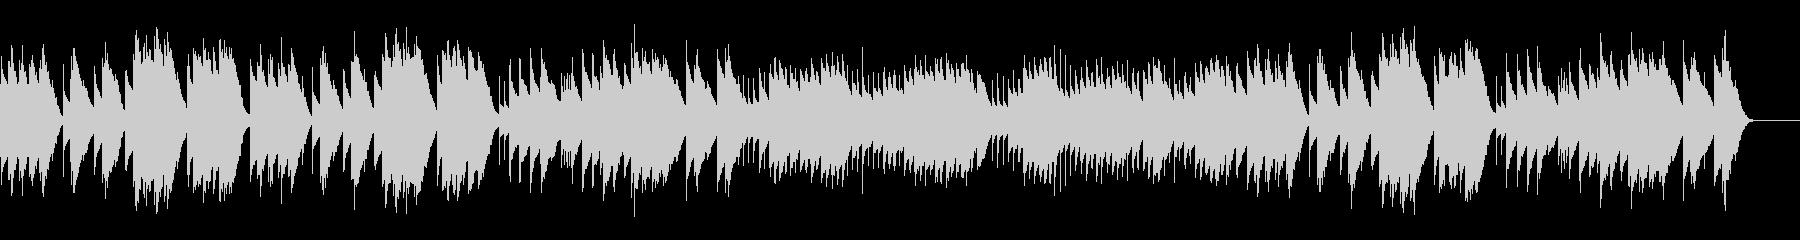 ト調のメヌエット (オルゴール)の未再生の波形